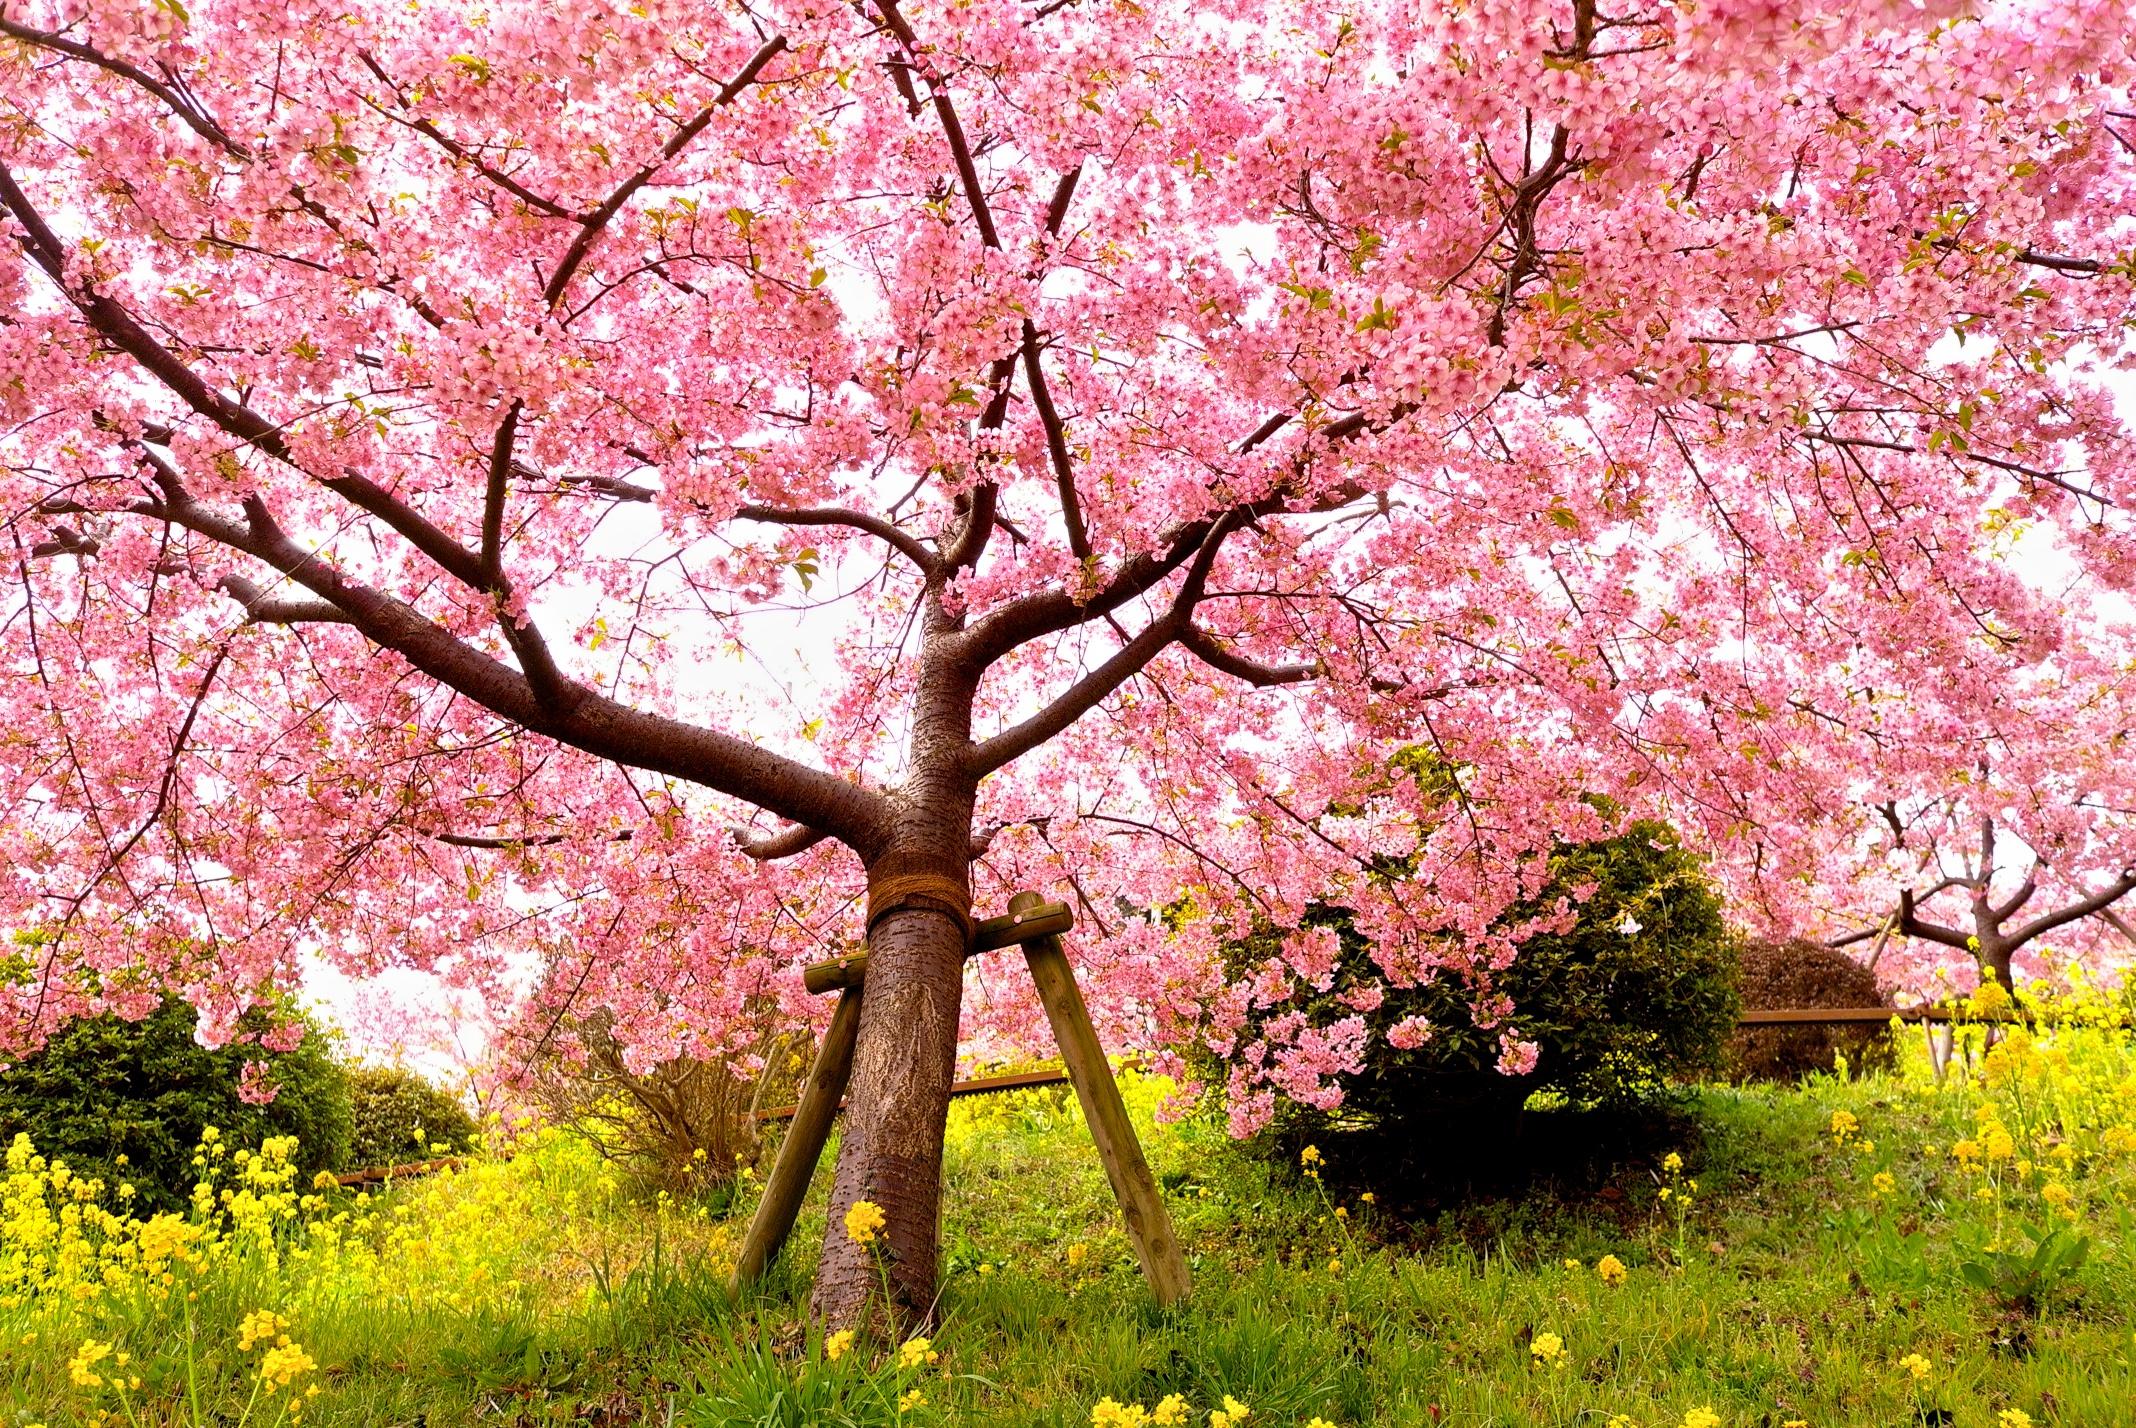 Wallpaper Berwarna Merah Muda Mekar Musim Semi Pohon Bunga